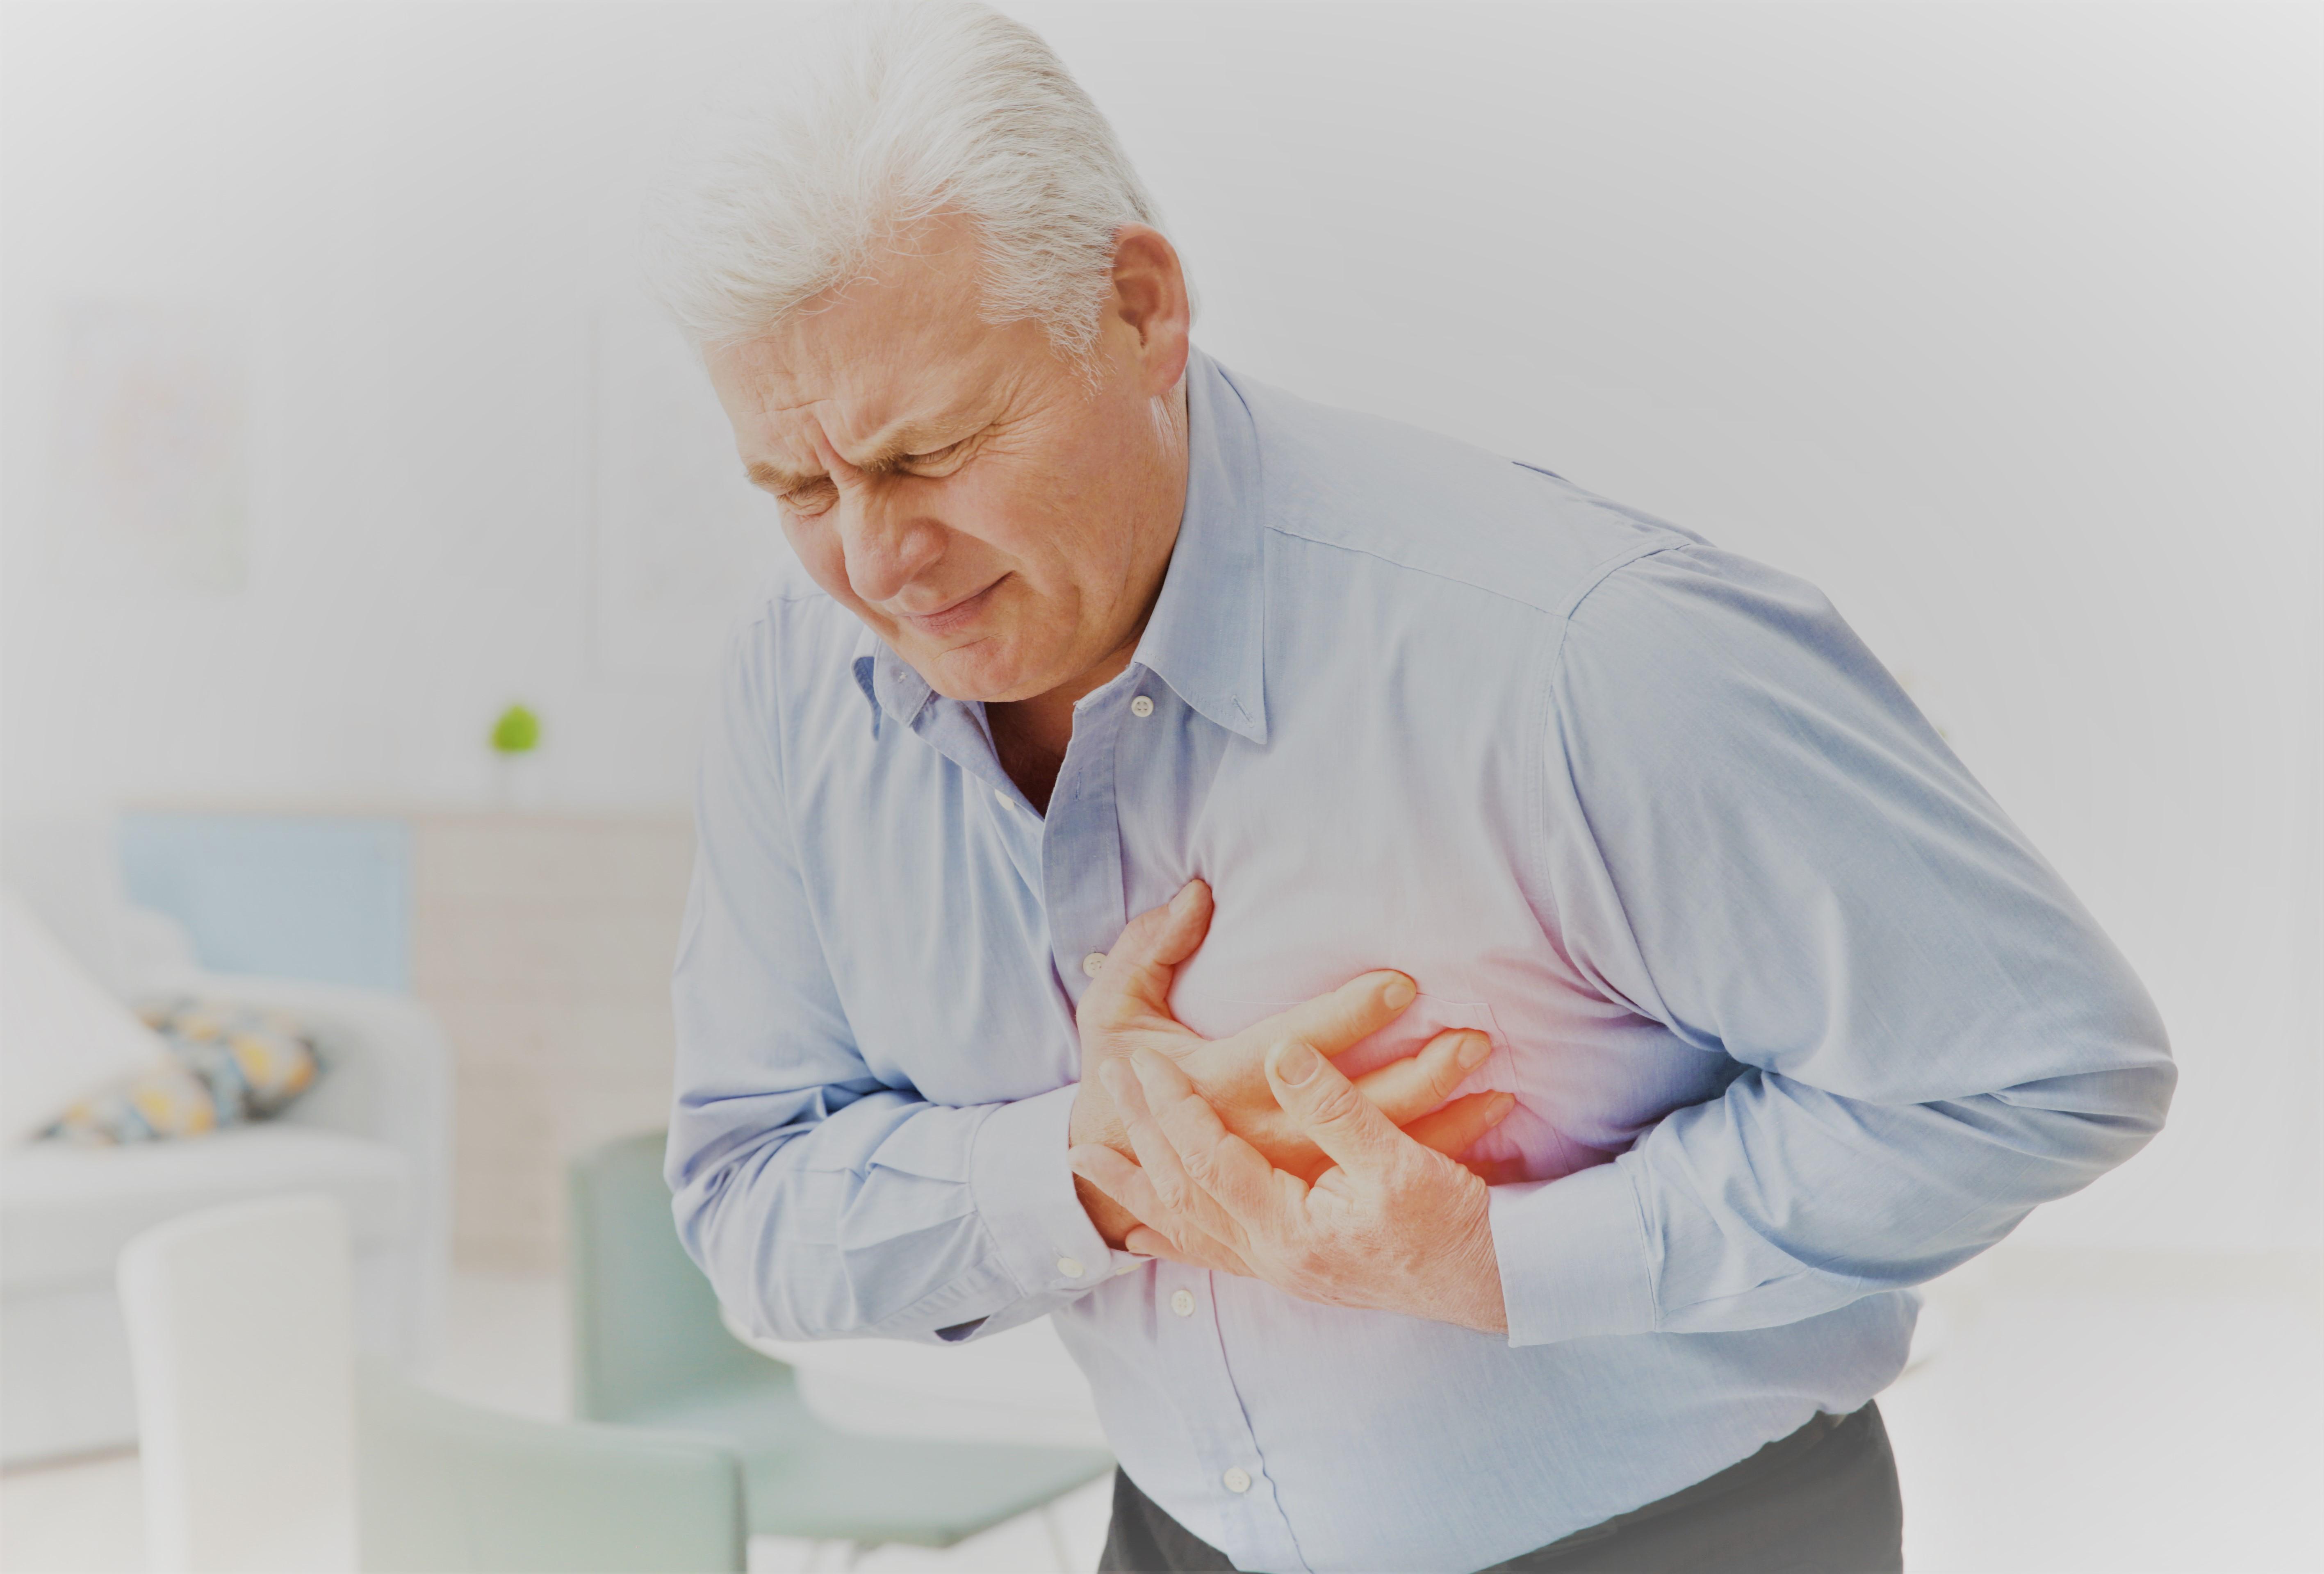 szívfájdalom magas vérnyomás)